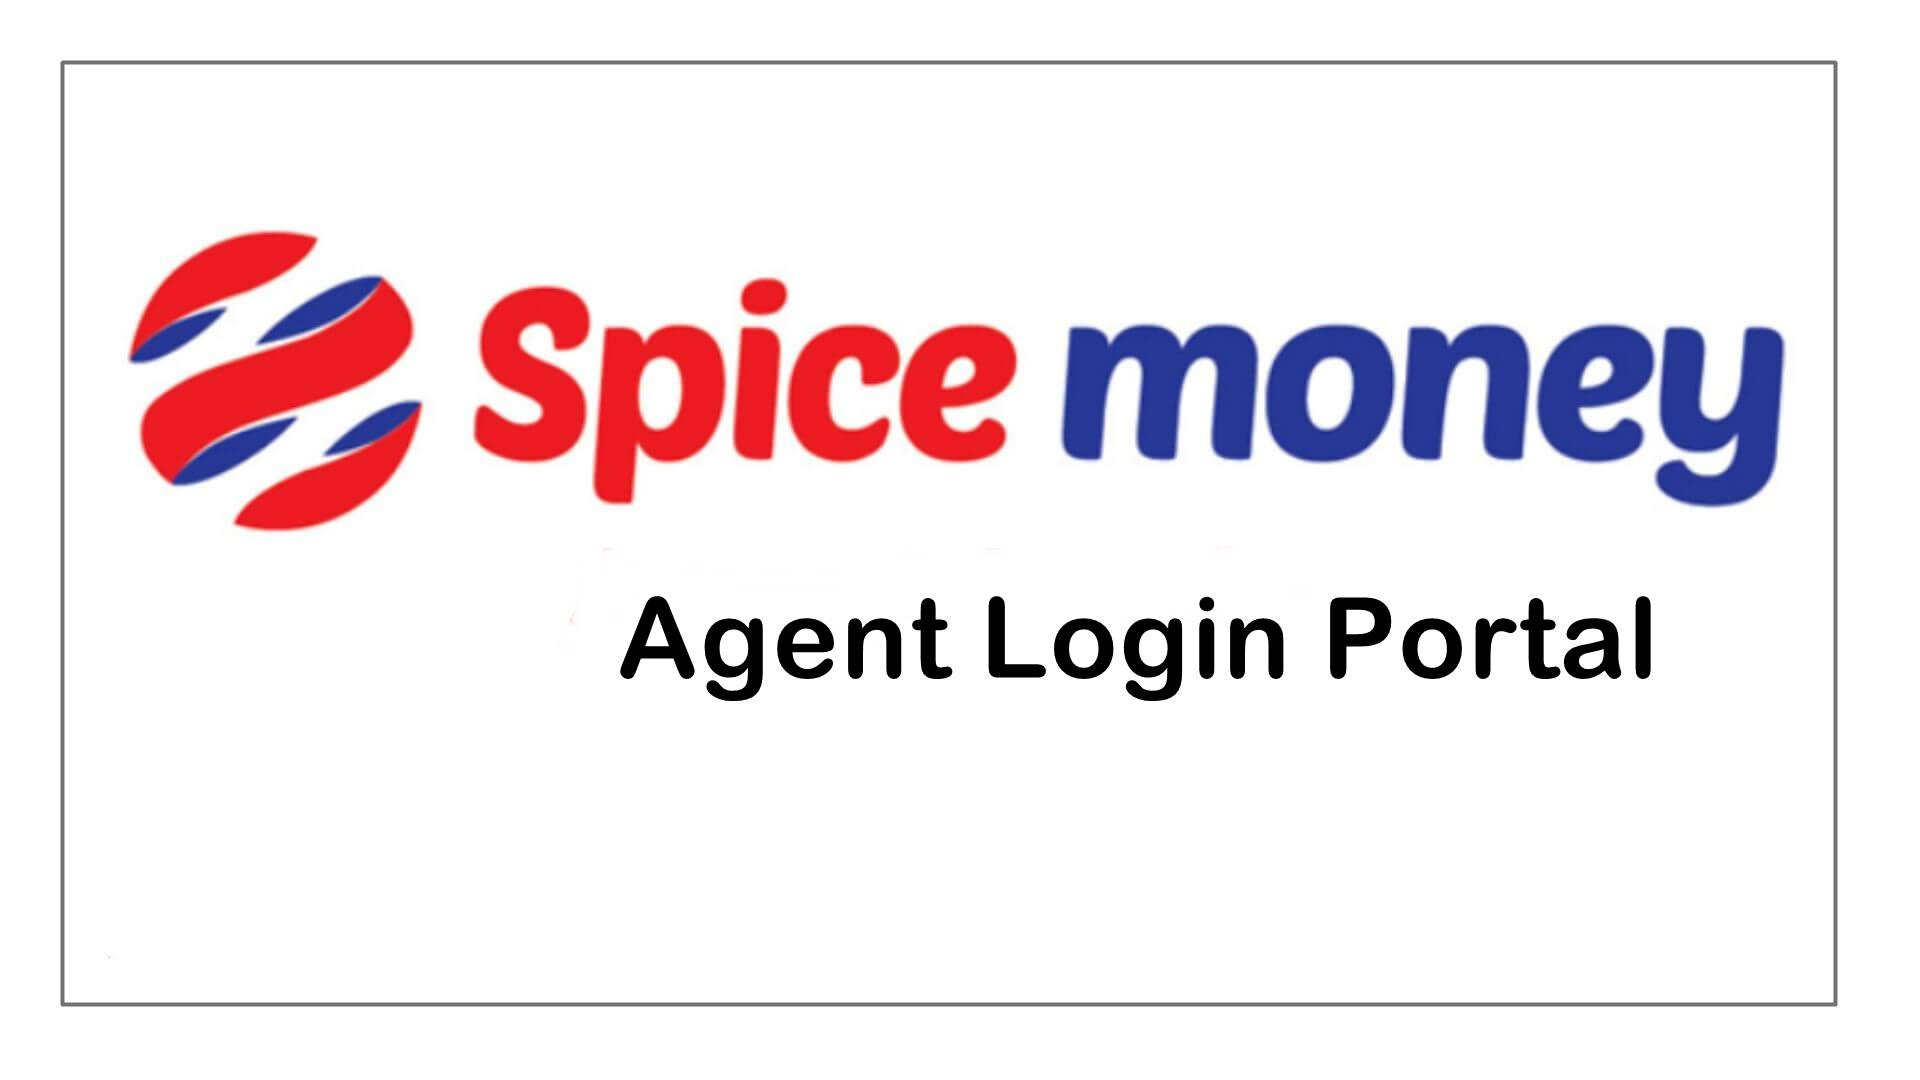 spice money agent login